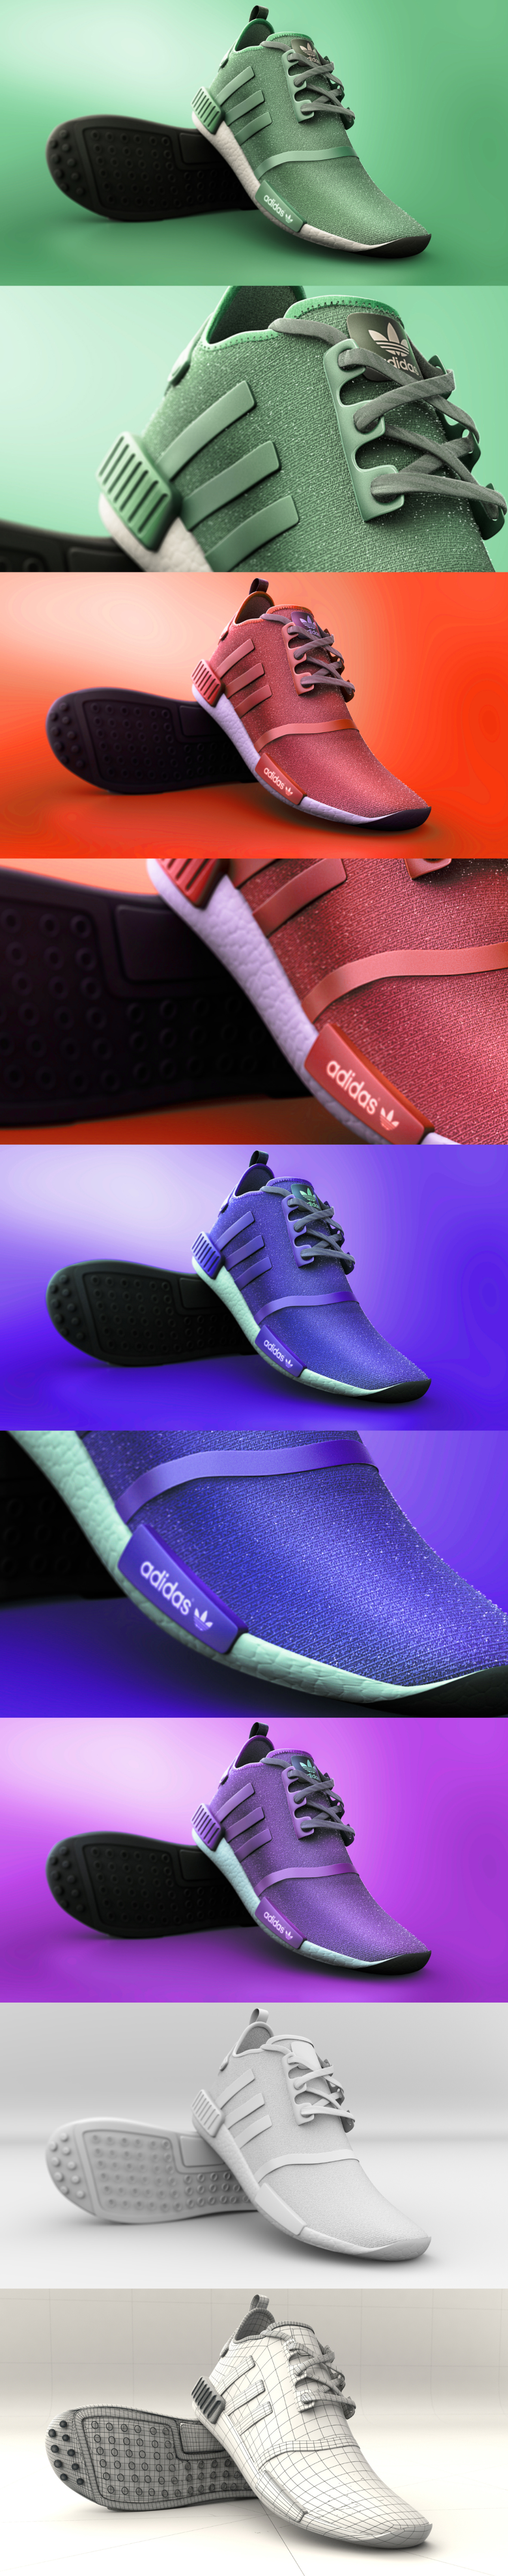 Tacorco cg shoes 1 96509d66 px4h